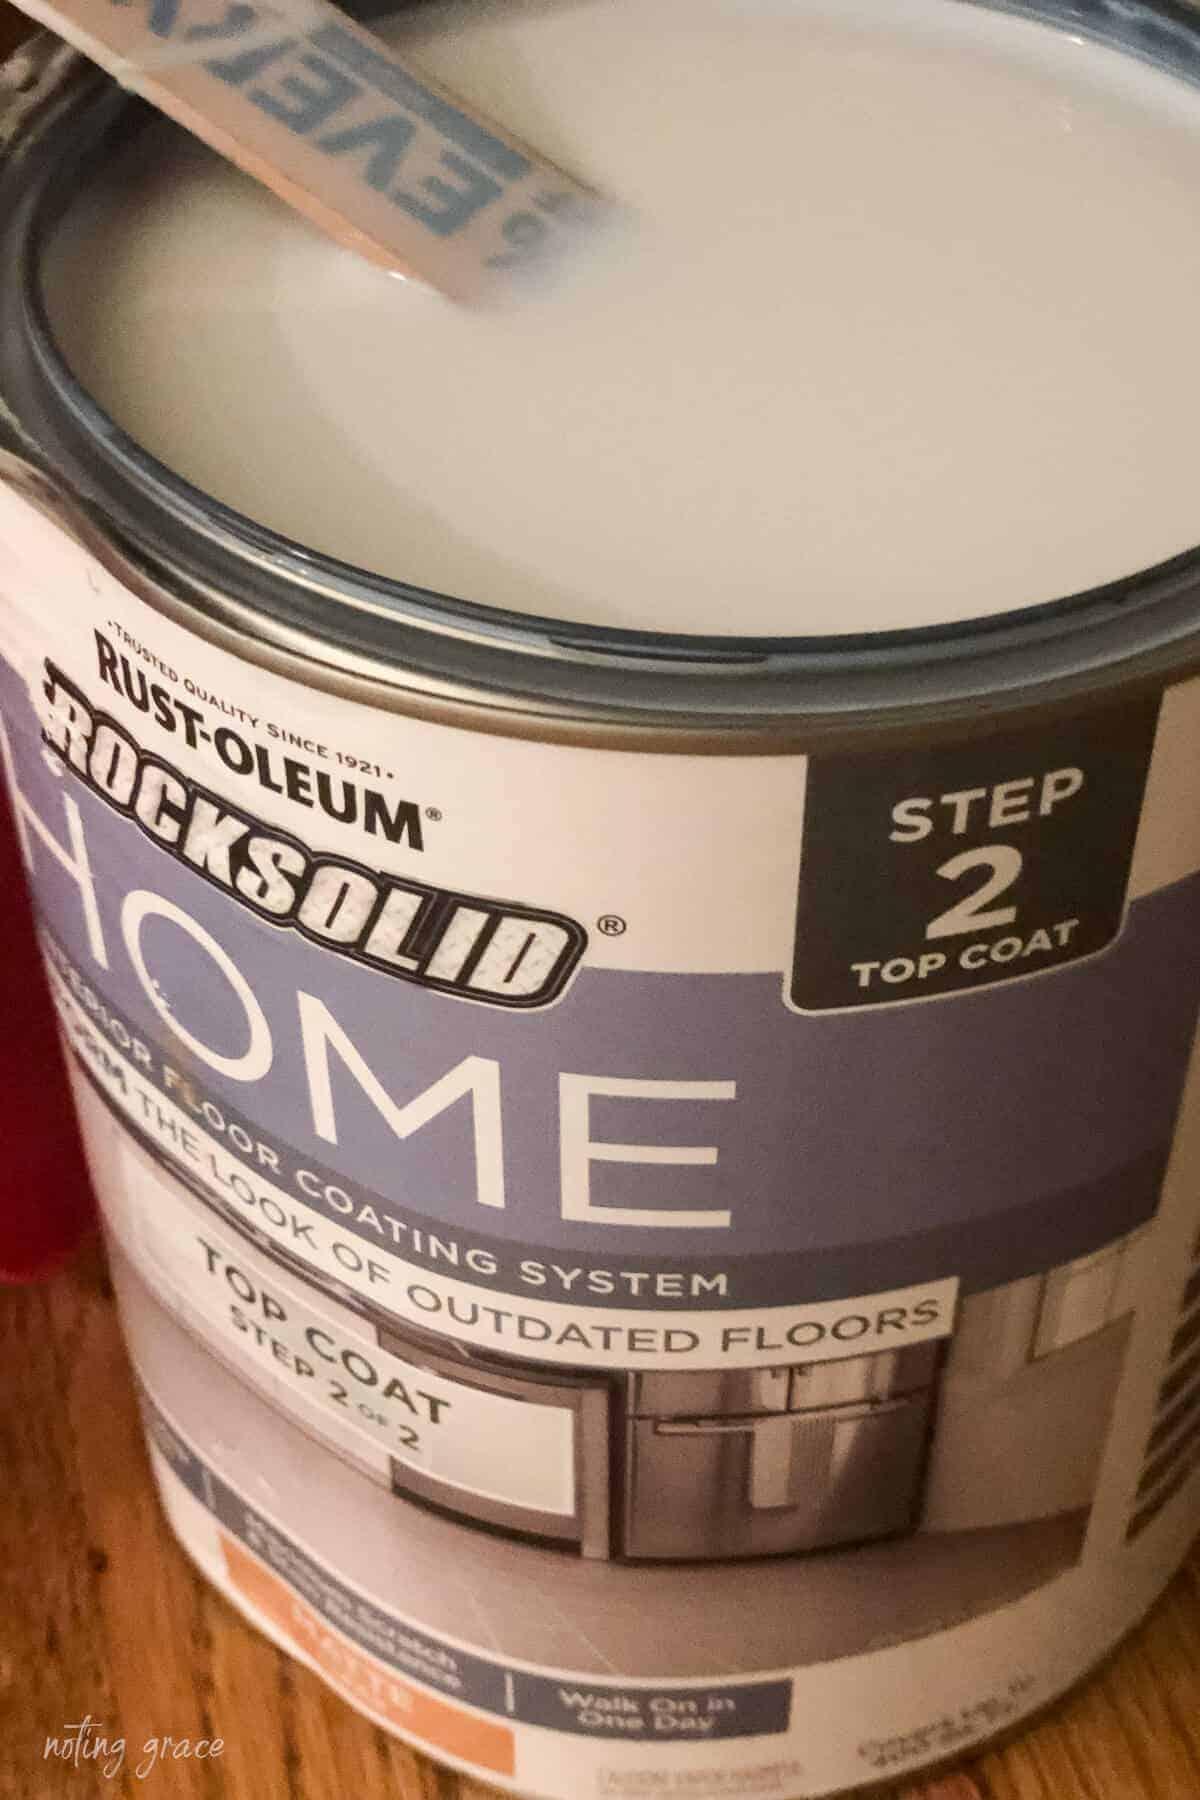 Rust-Oleum HOME Floor Coating Top coat